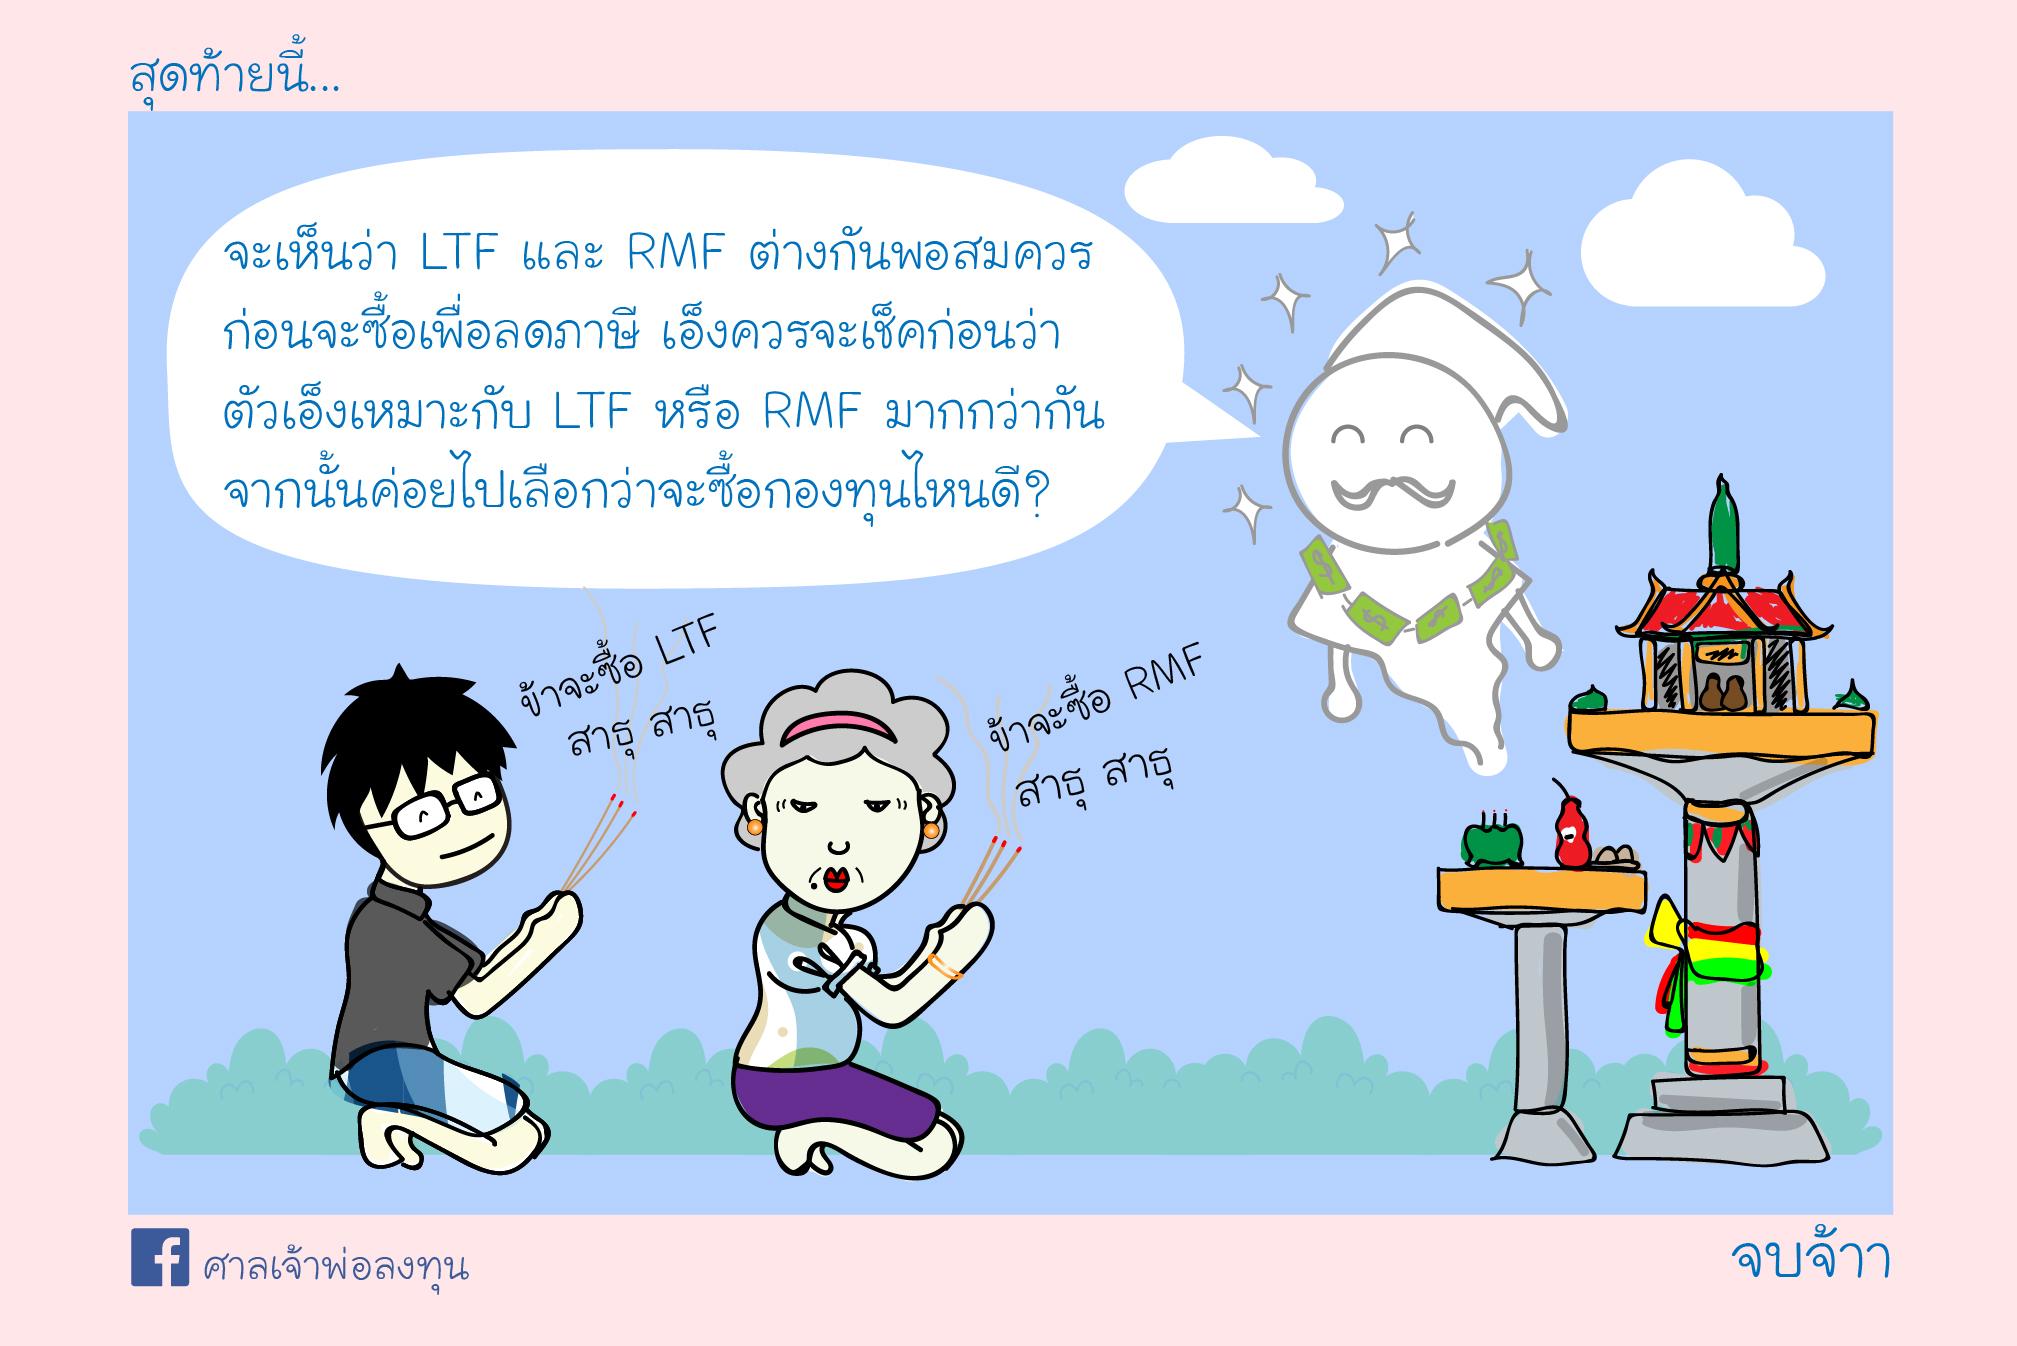 ศาลเจ้าพ่อลงทุน - LTF vs RMF_Artboard 35-09